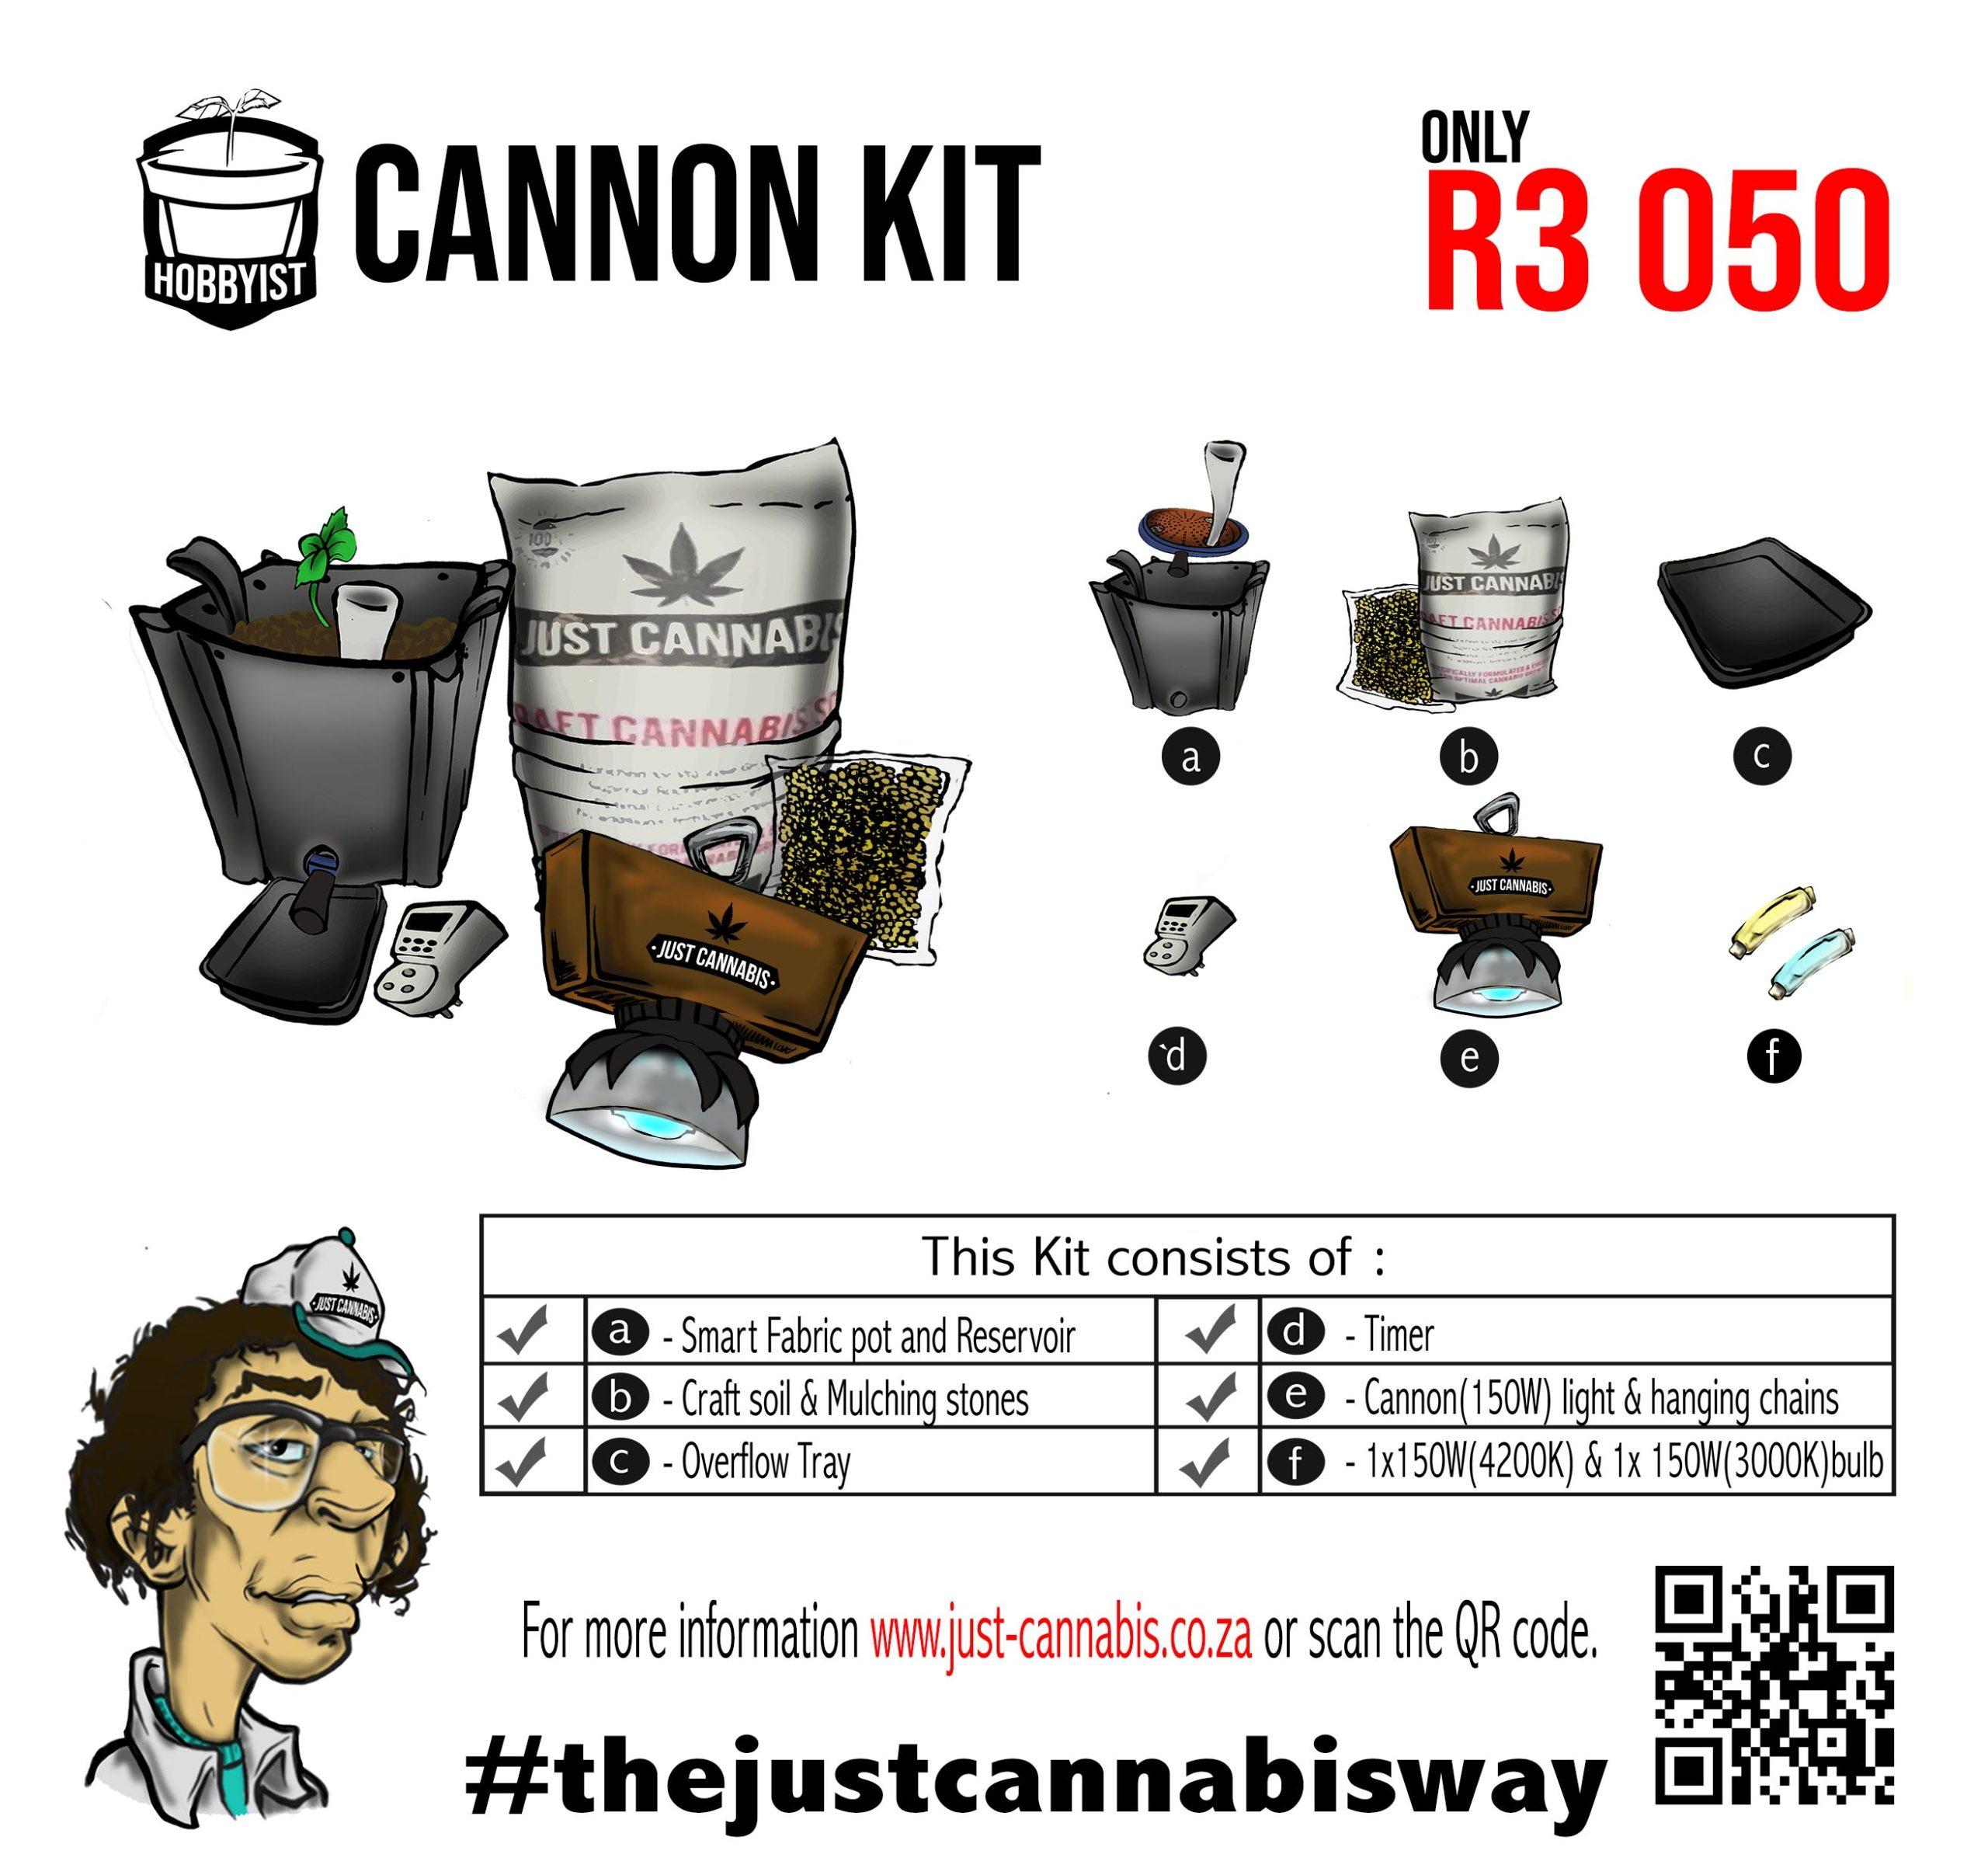 Hobbyist Cannon Kit